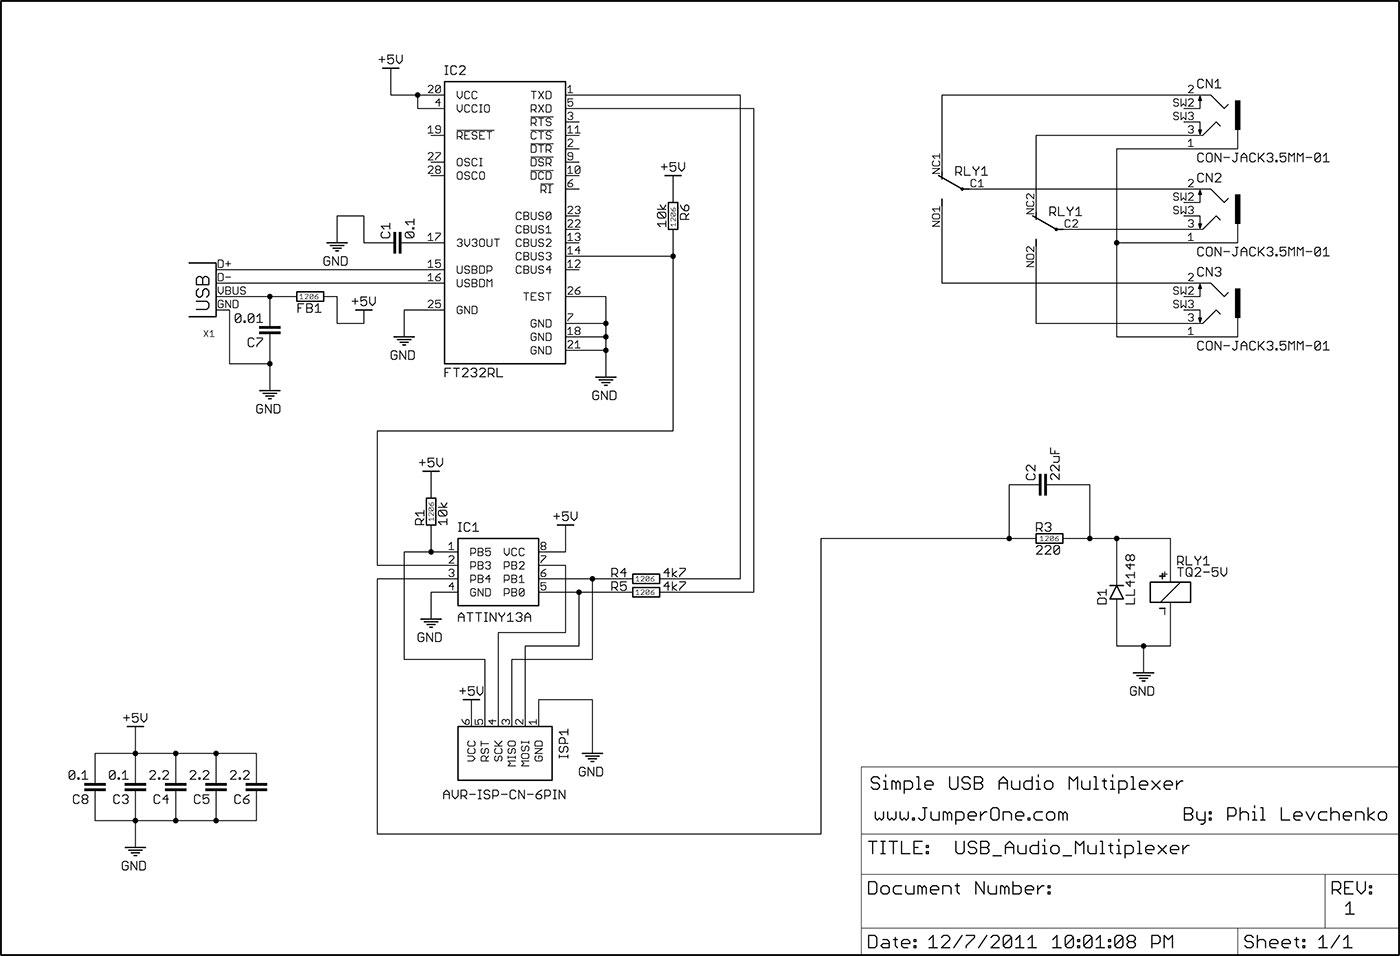 usb audio multiplexer